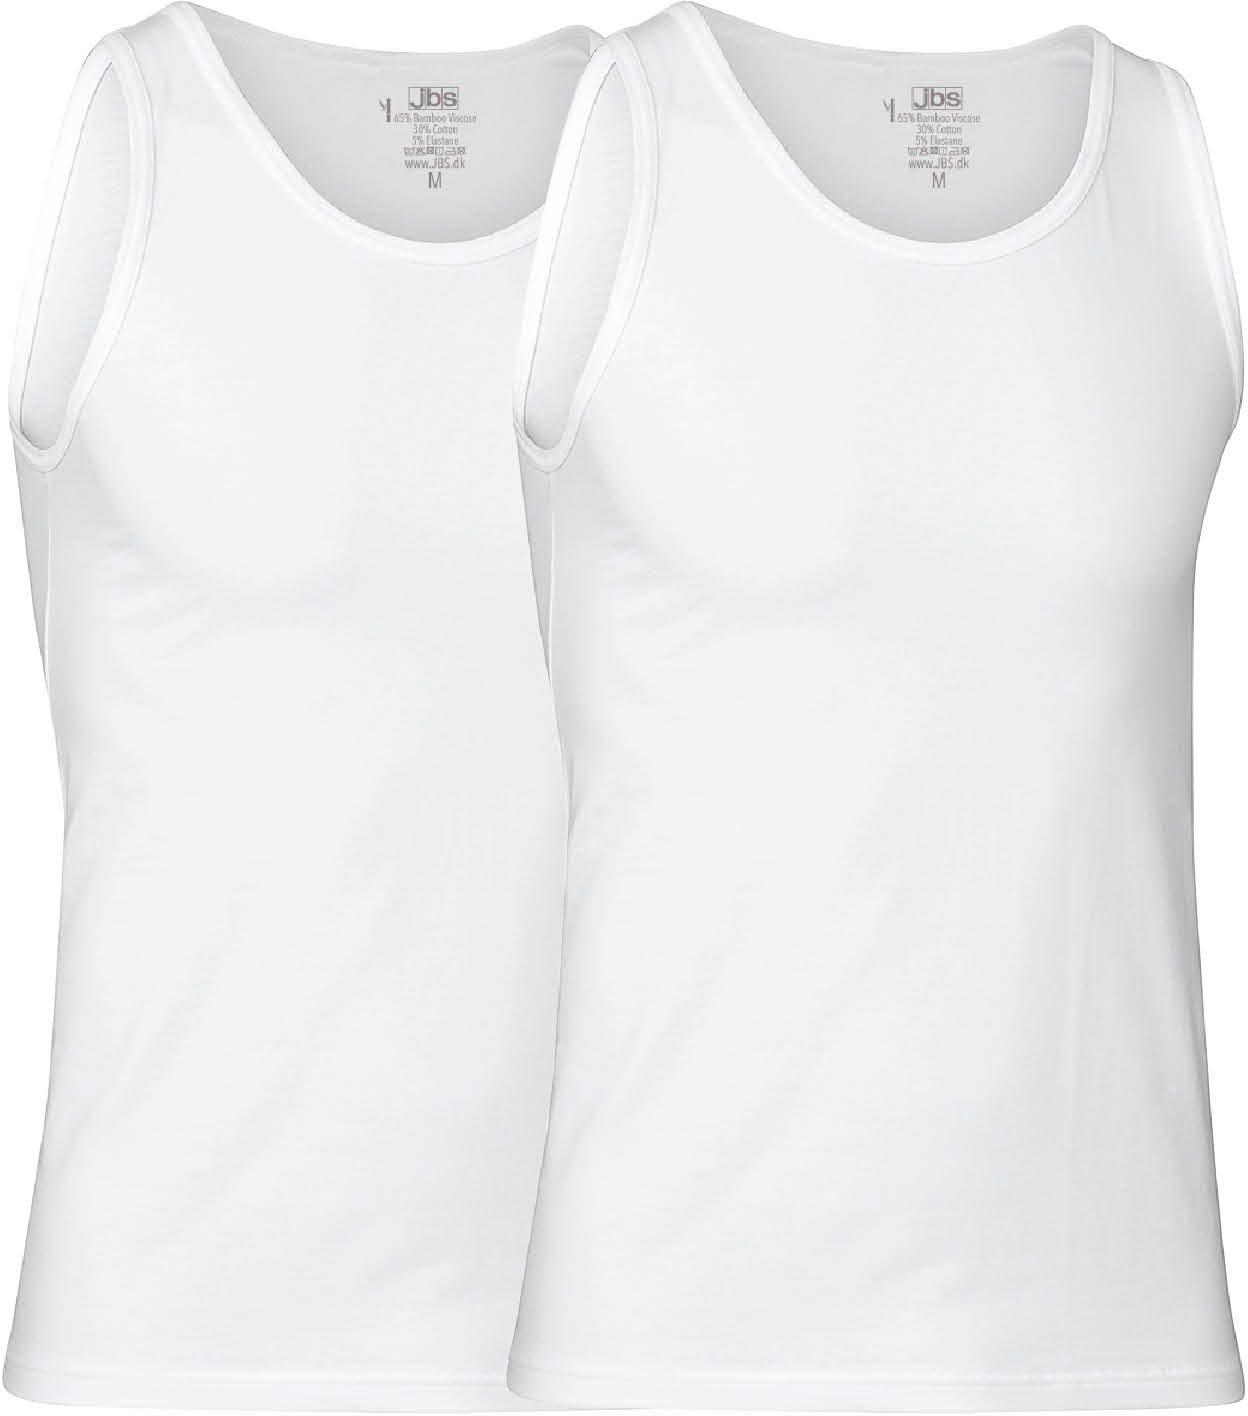 JBS - 2-pack Singlet Bamboo White